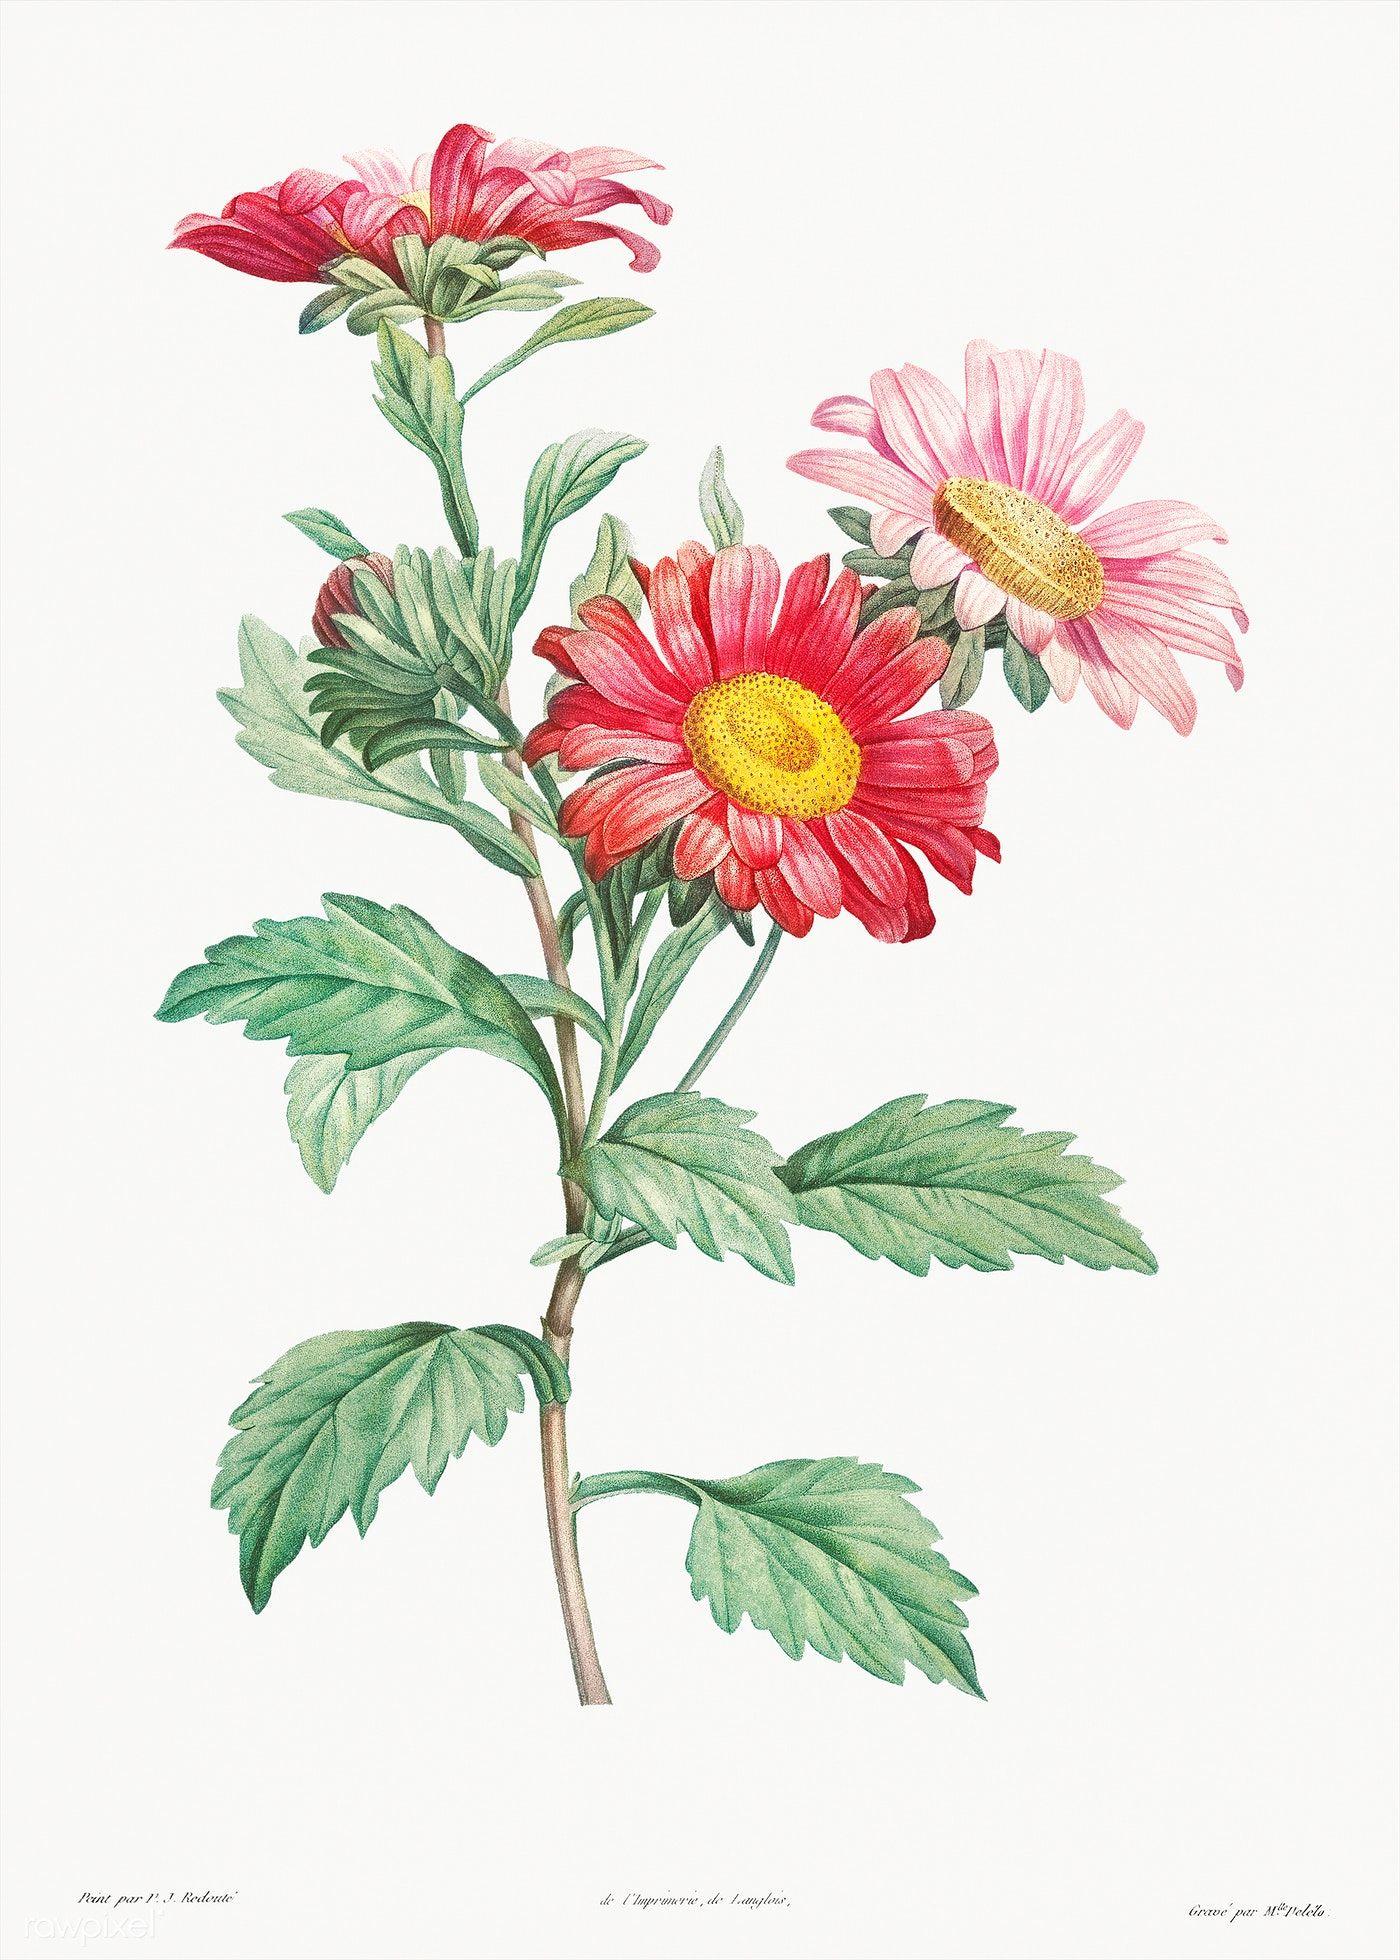 Red Aster From La Botanique De J J Rousseau By Pierre Joseph Redout Eacute 1759 Ndash 1840 Original Flower Illustration Flower Drawing Plant Illustration